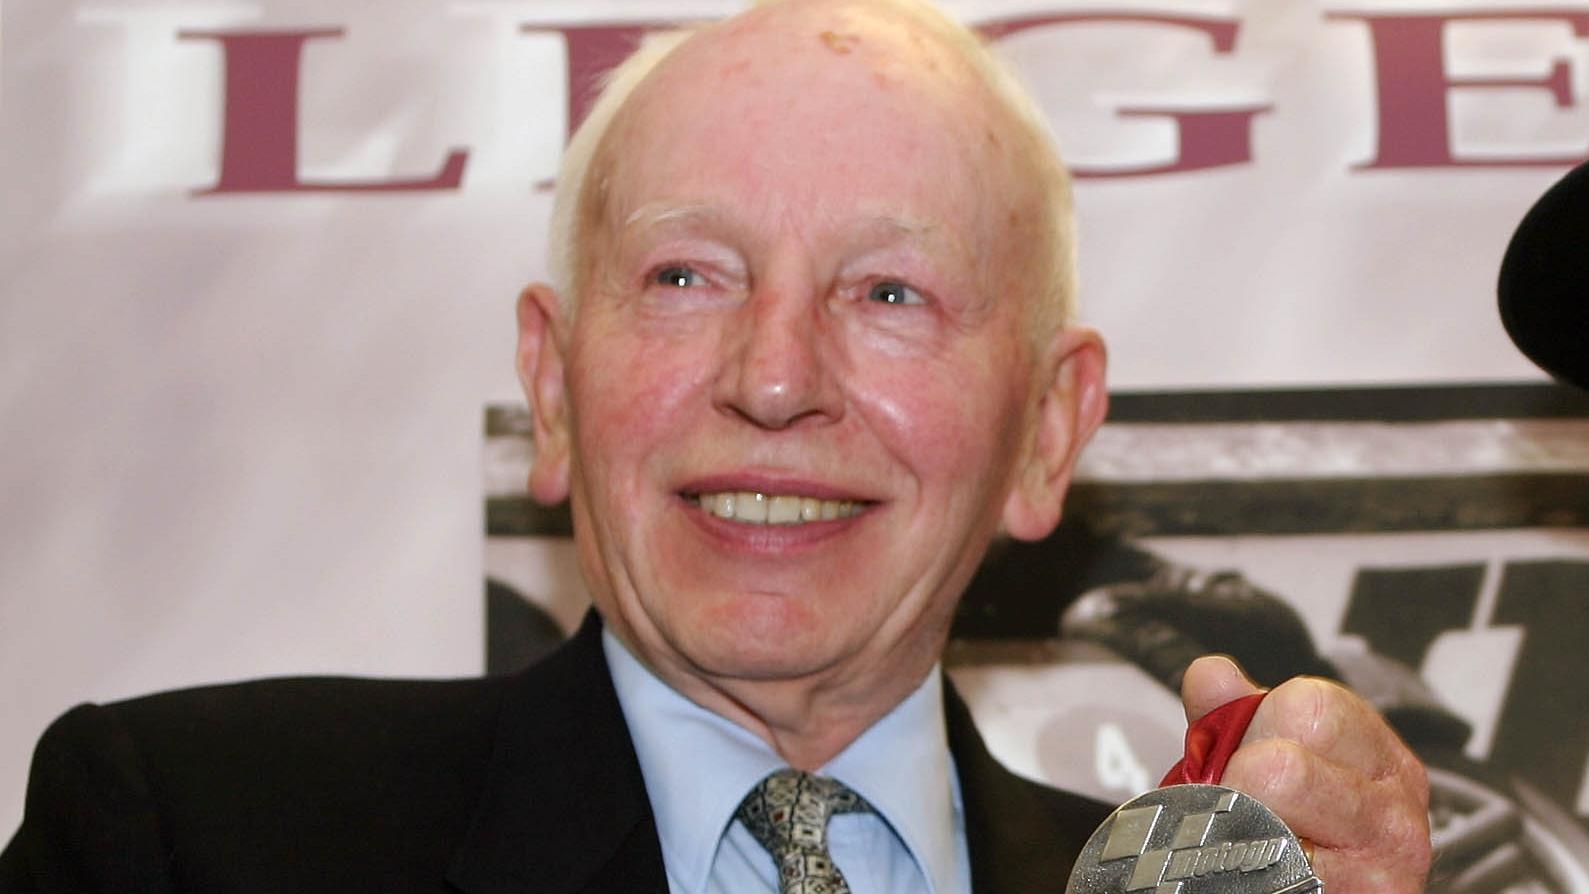 Fallece a los 83 años John Surtees, la gran leyenda de 500cc y la Fórmula 1